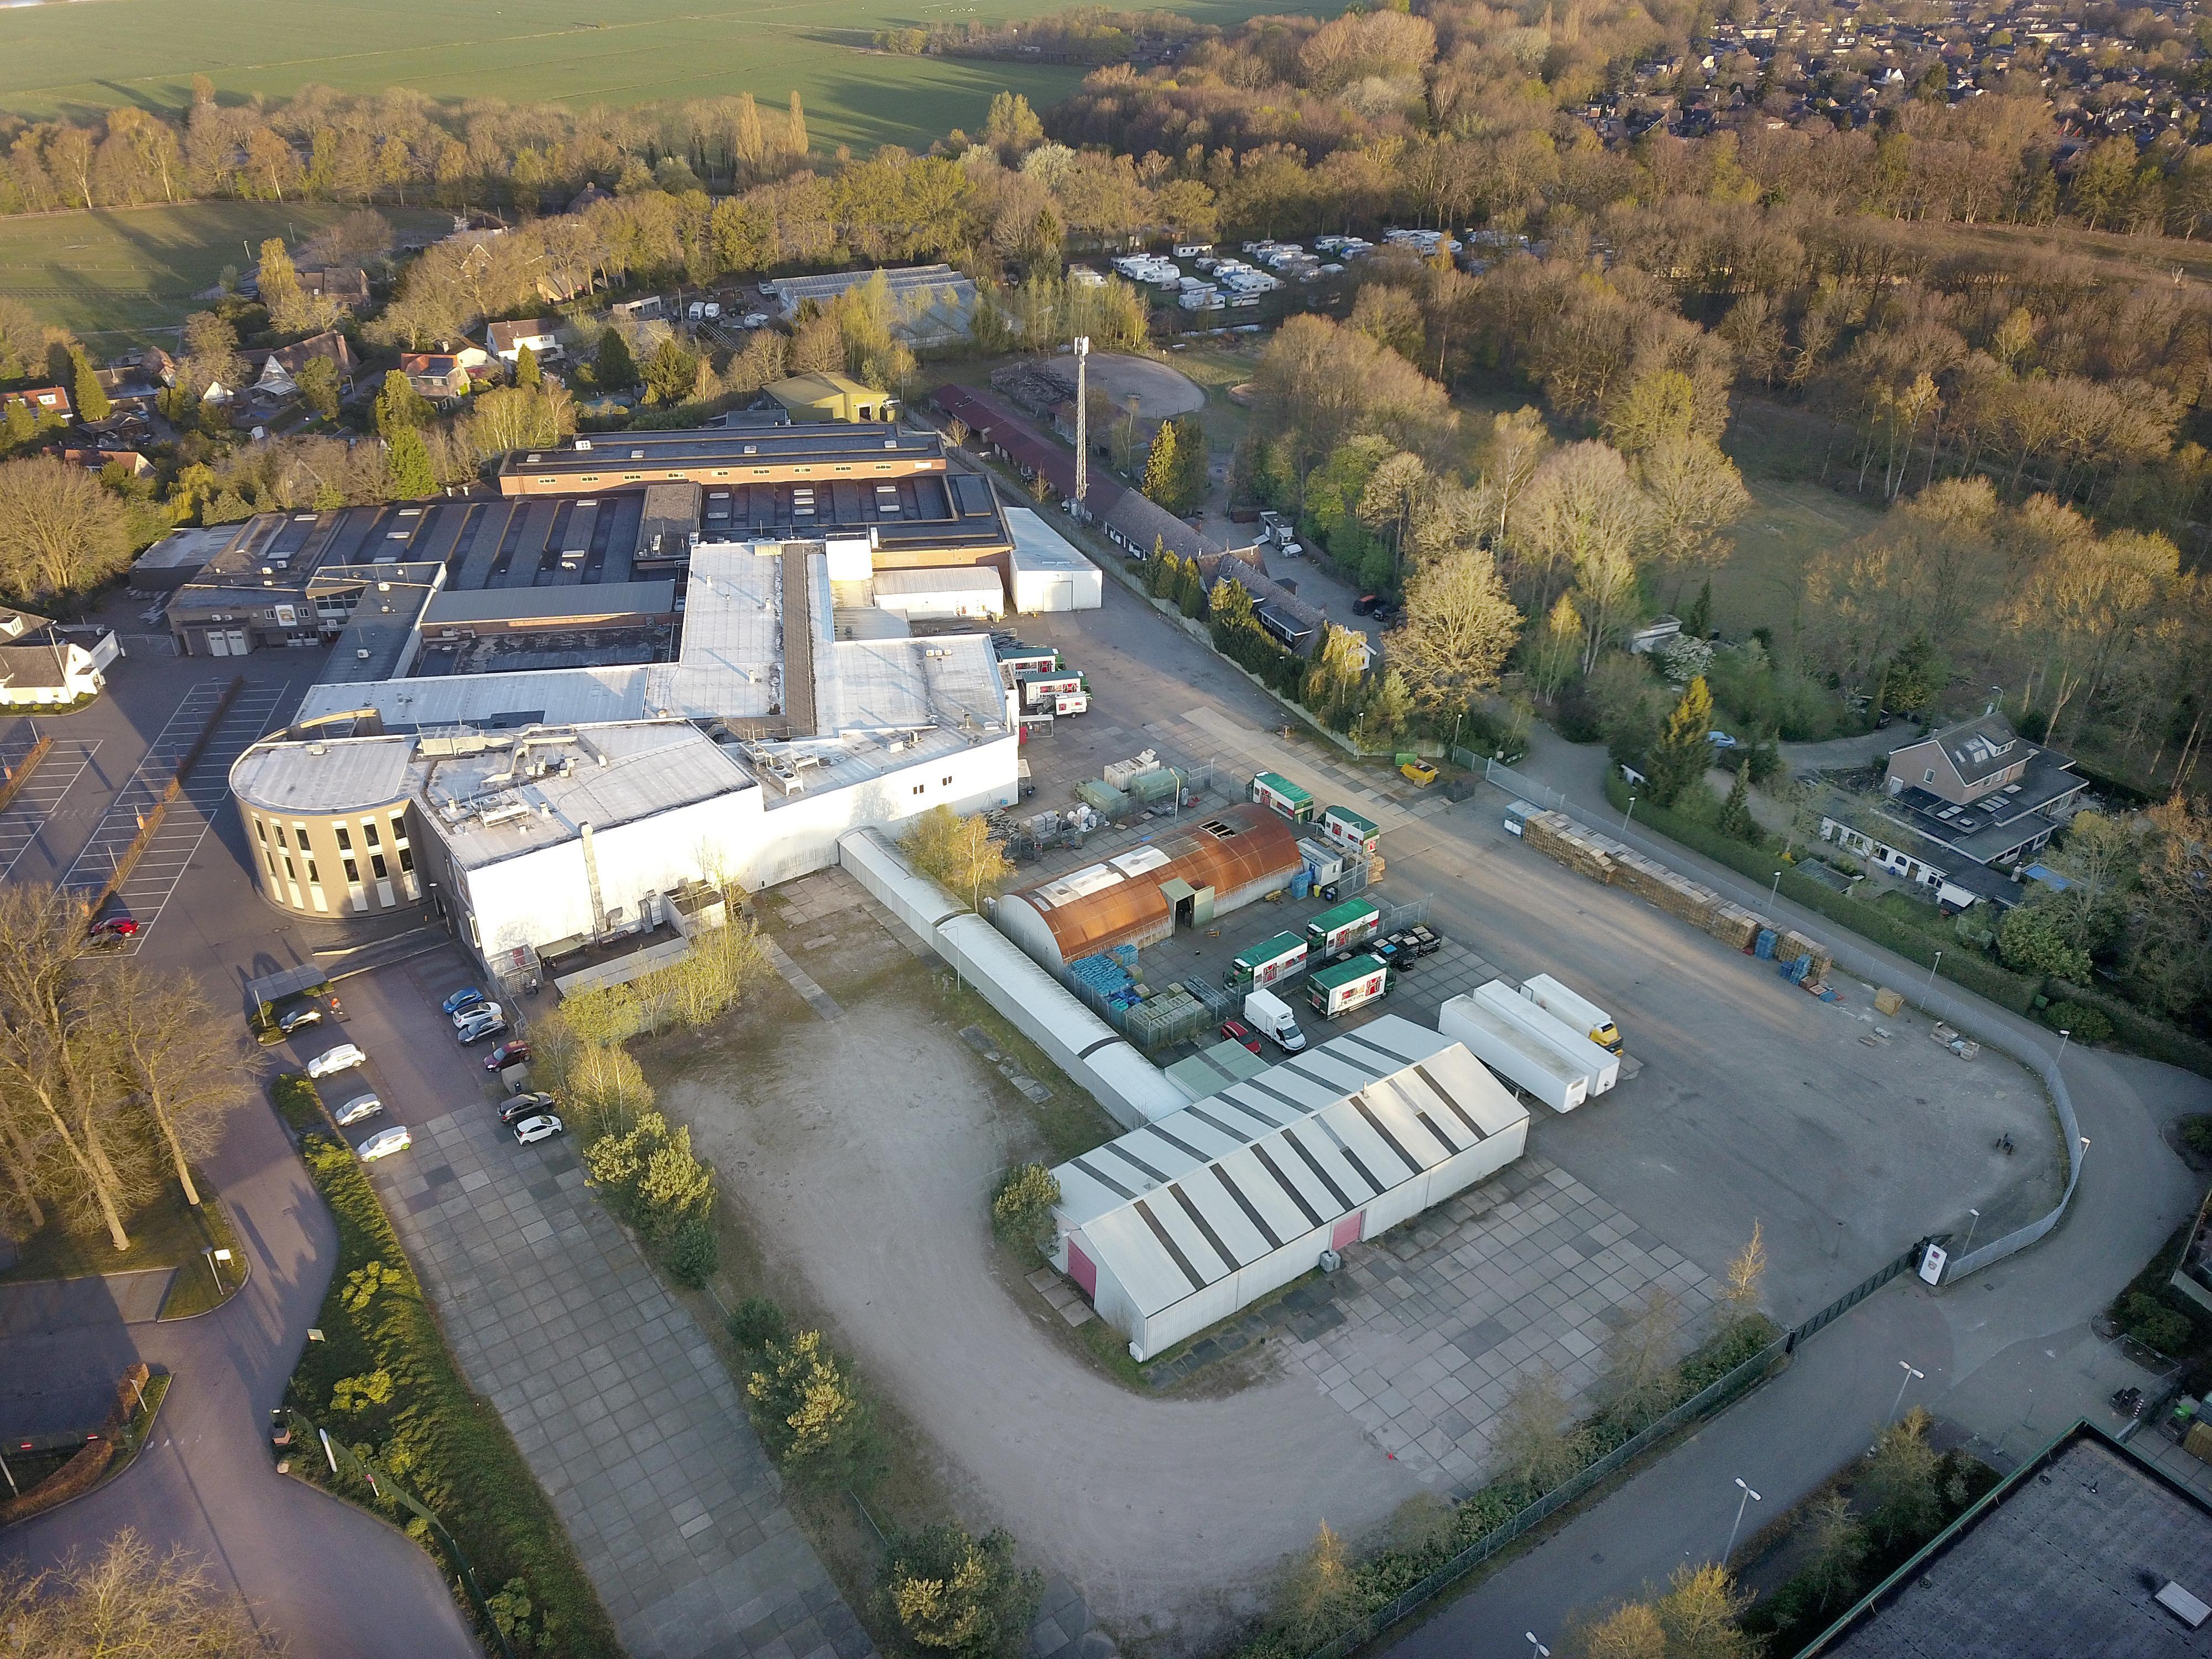 Welke school verhuist naar Hocrasterrein en kunnen leerlingen daar wel veilig komen? Gooise Meren wil 75.000 euro voor verder onderzoek, maar veel hangt af van monumentenstatus paardenstallen